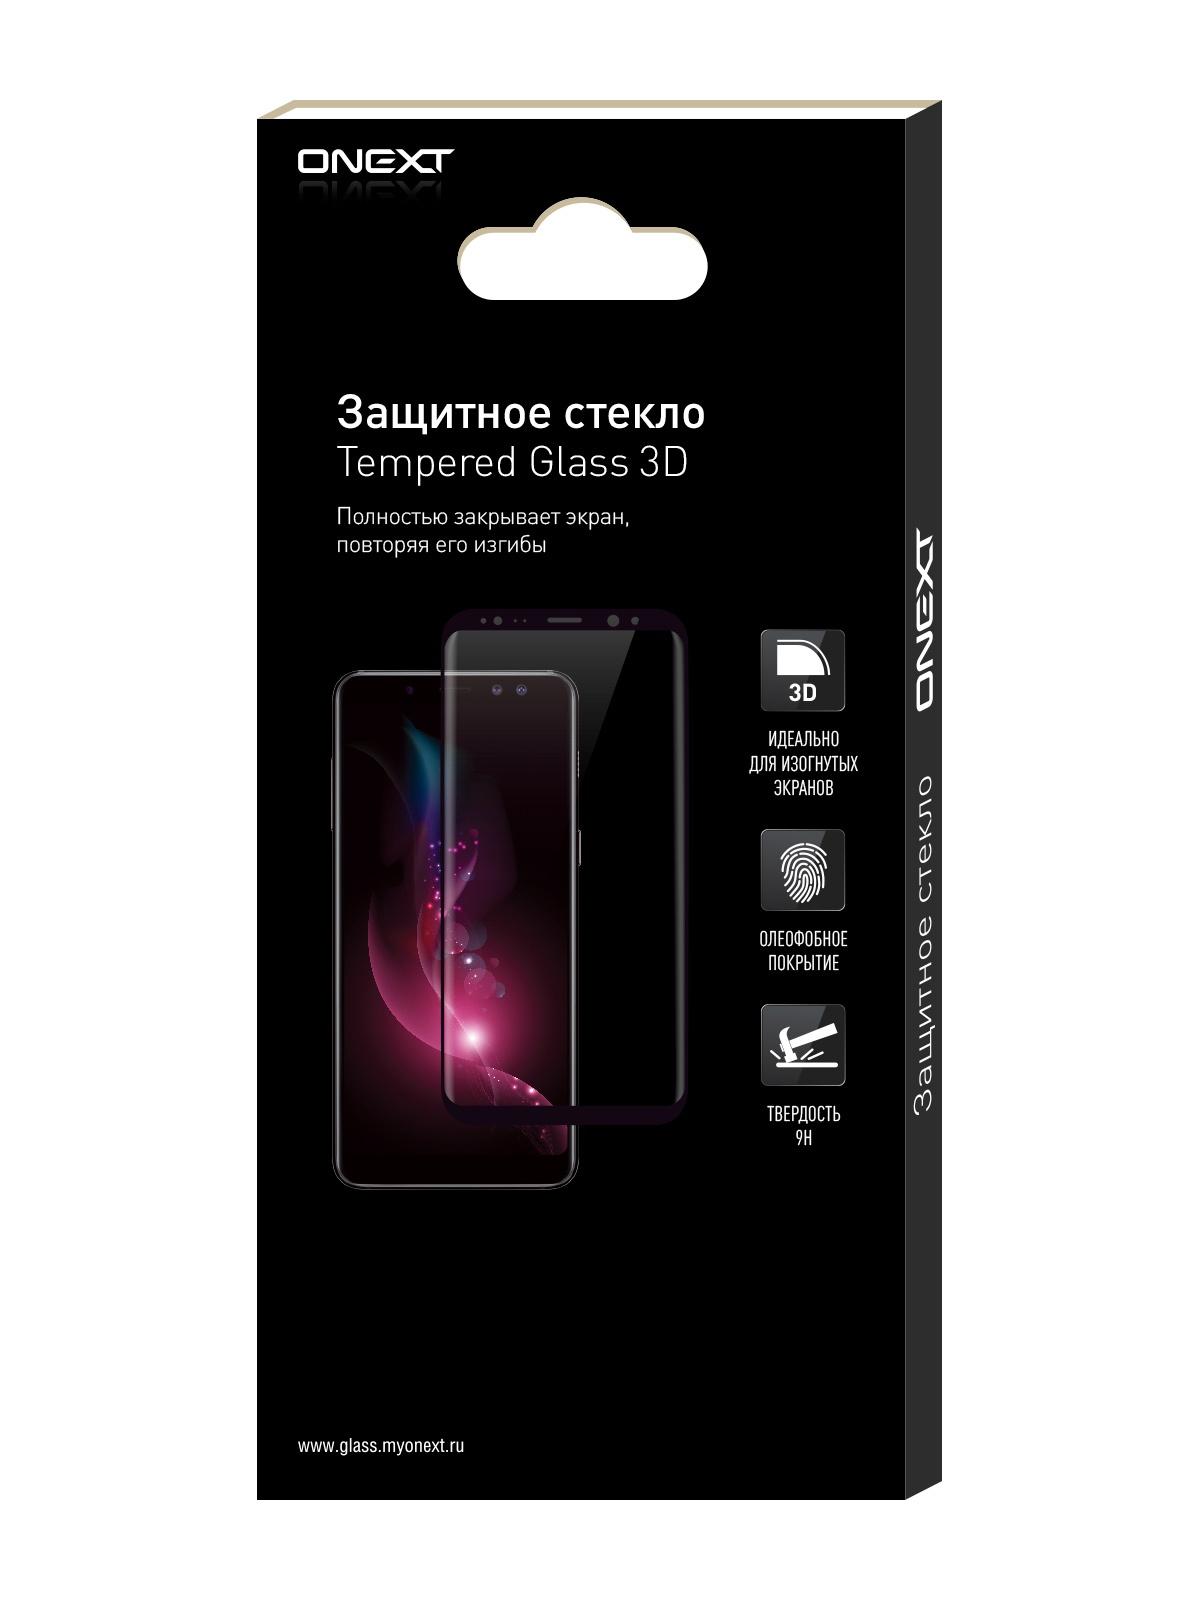 Защитное стекло ONEXT Samsung Galaxy S8 3D защитное стекло для samsung galaxy s8 sm g950 onext 3d изогнутое по форме дисплея с прозрачной рамкой